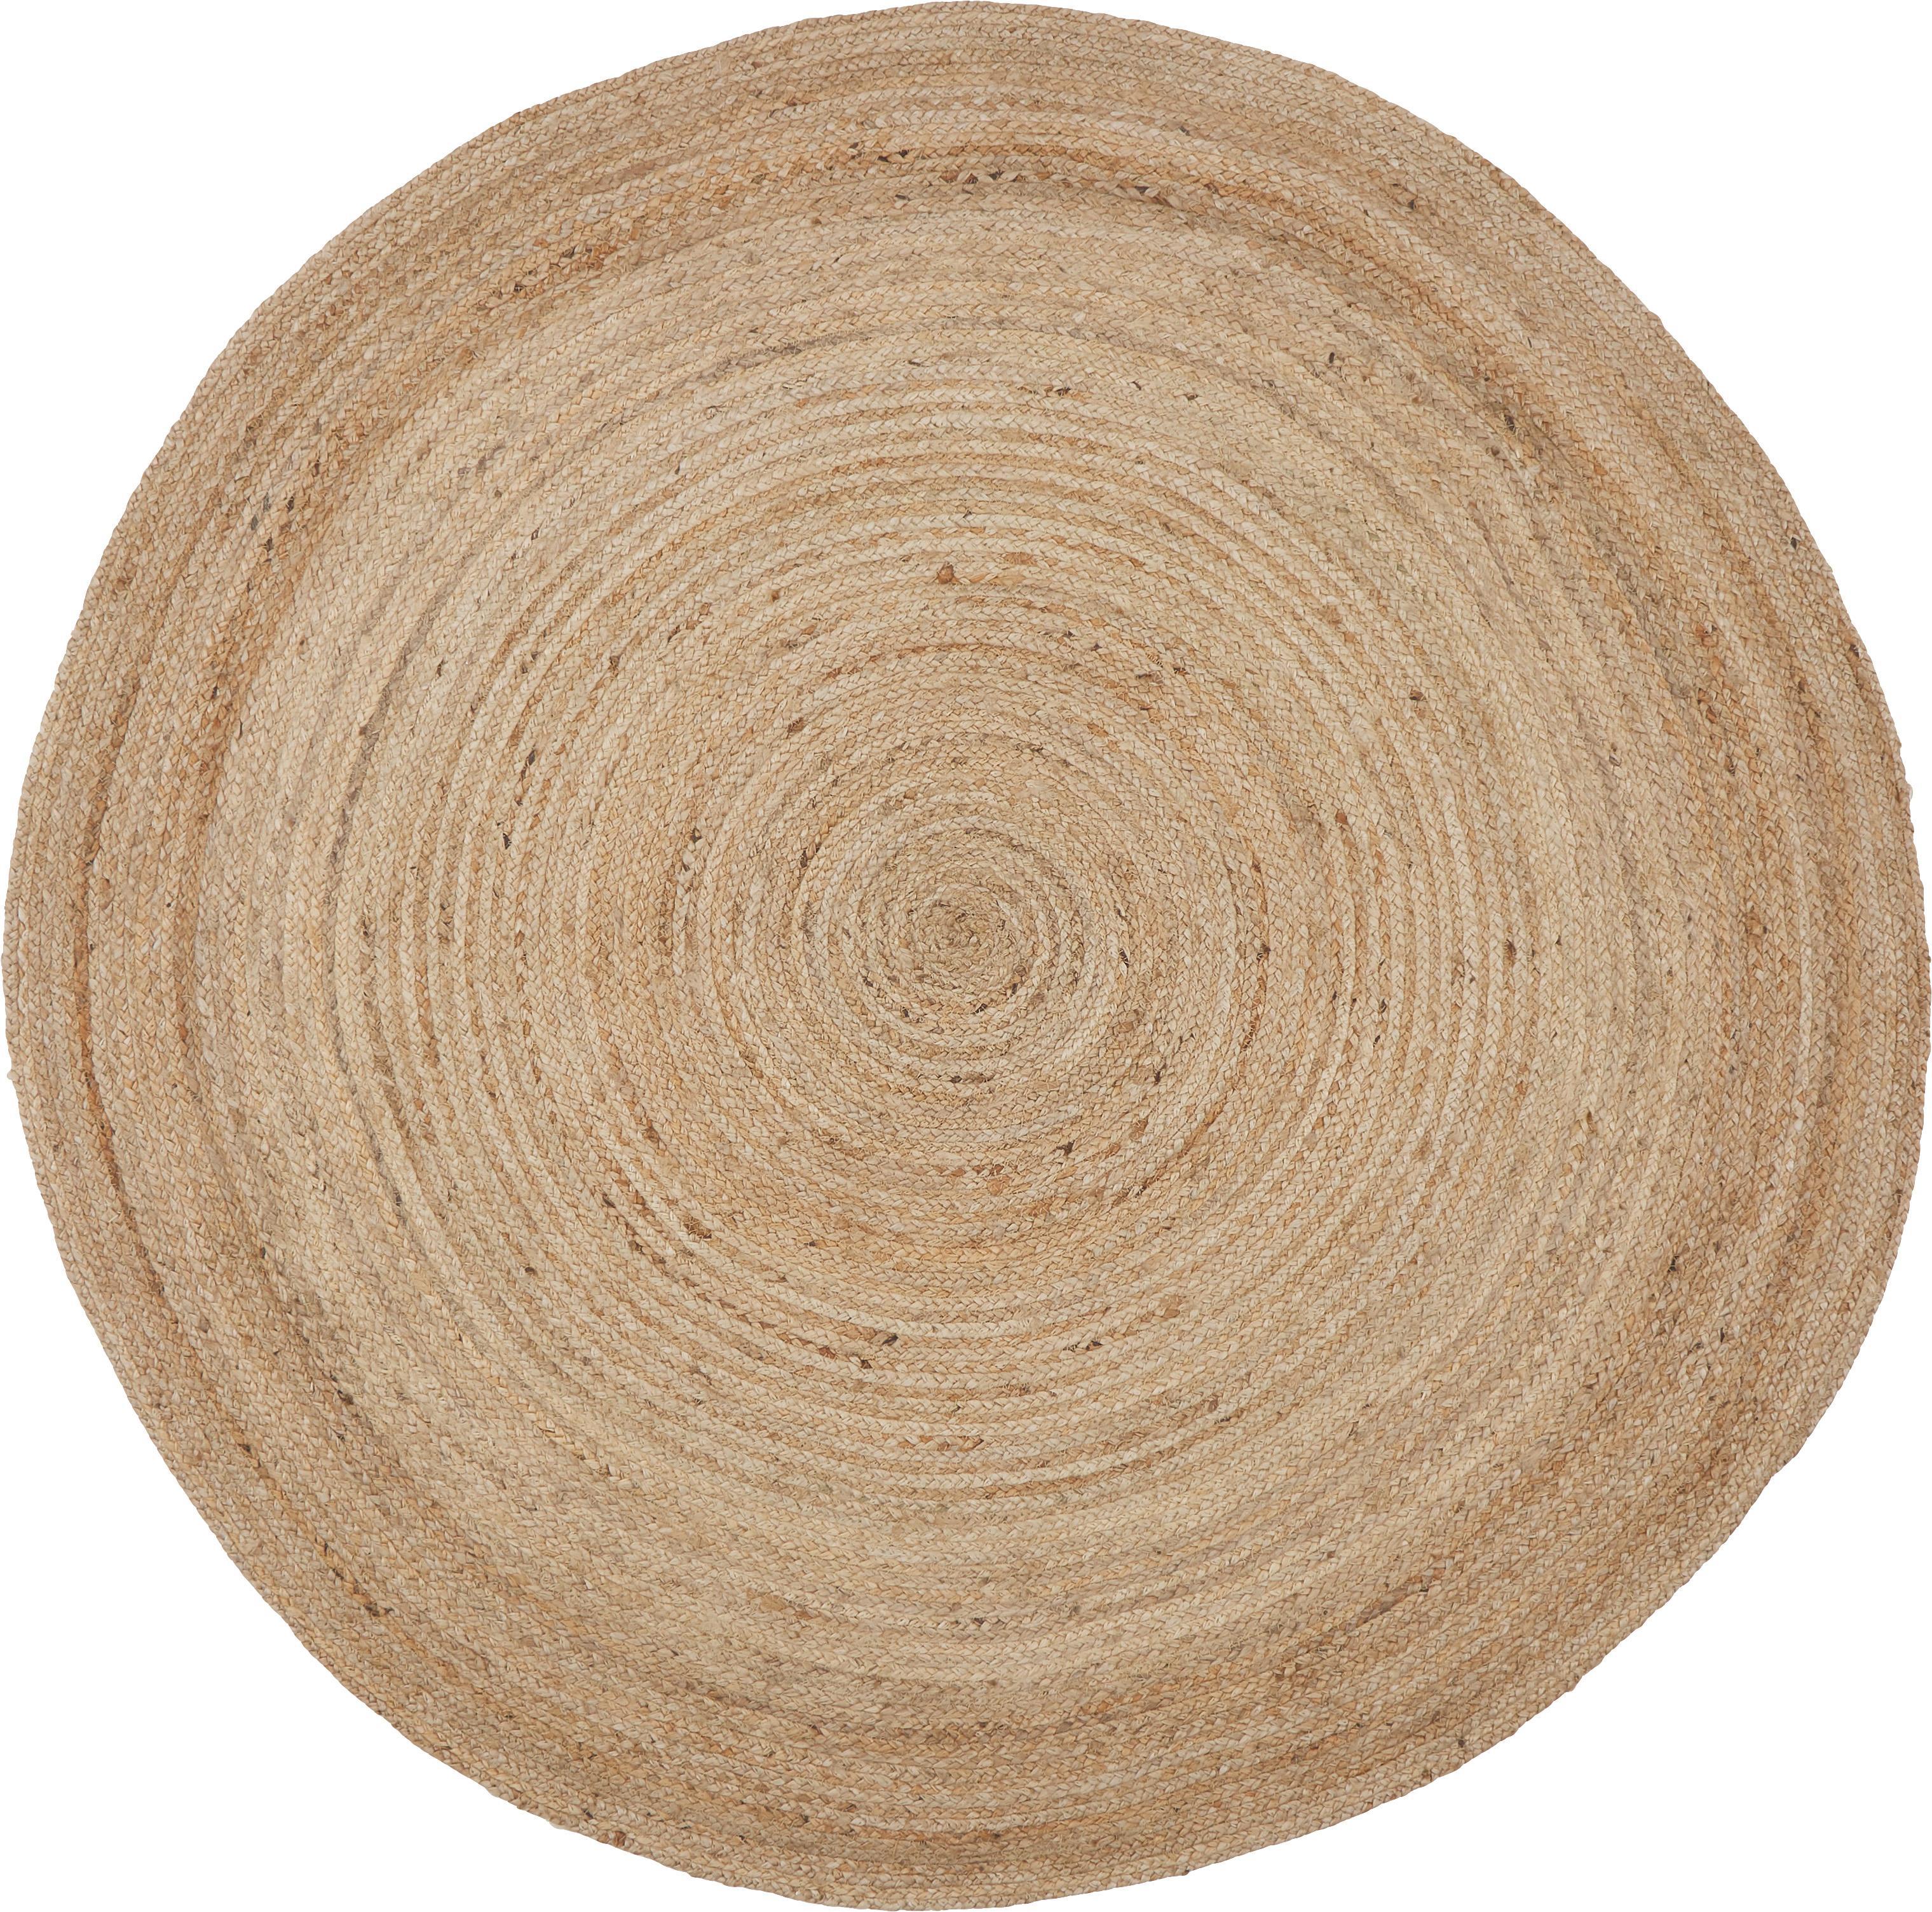 Runder Juteteppich Ural, 100% Jute, Beige, Ø 150 cm (Grösse M)